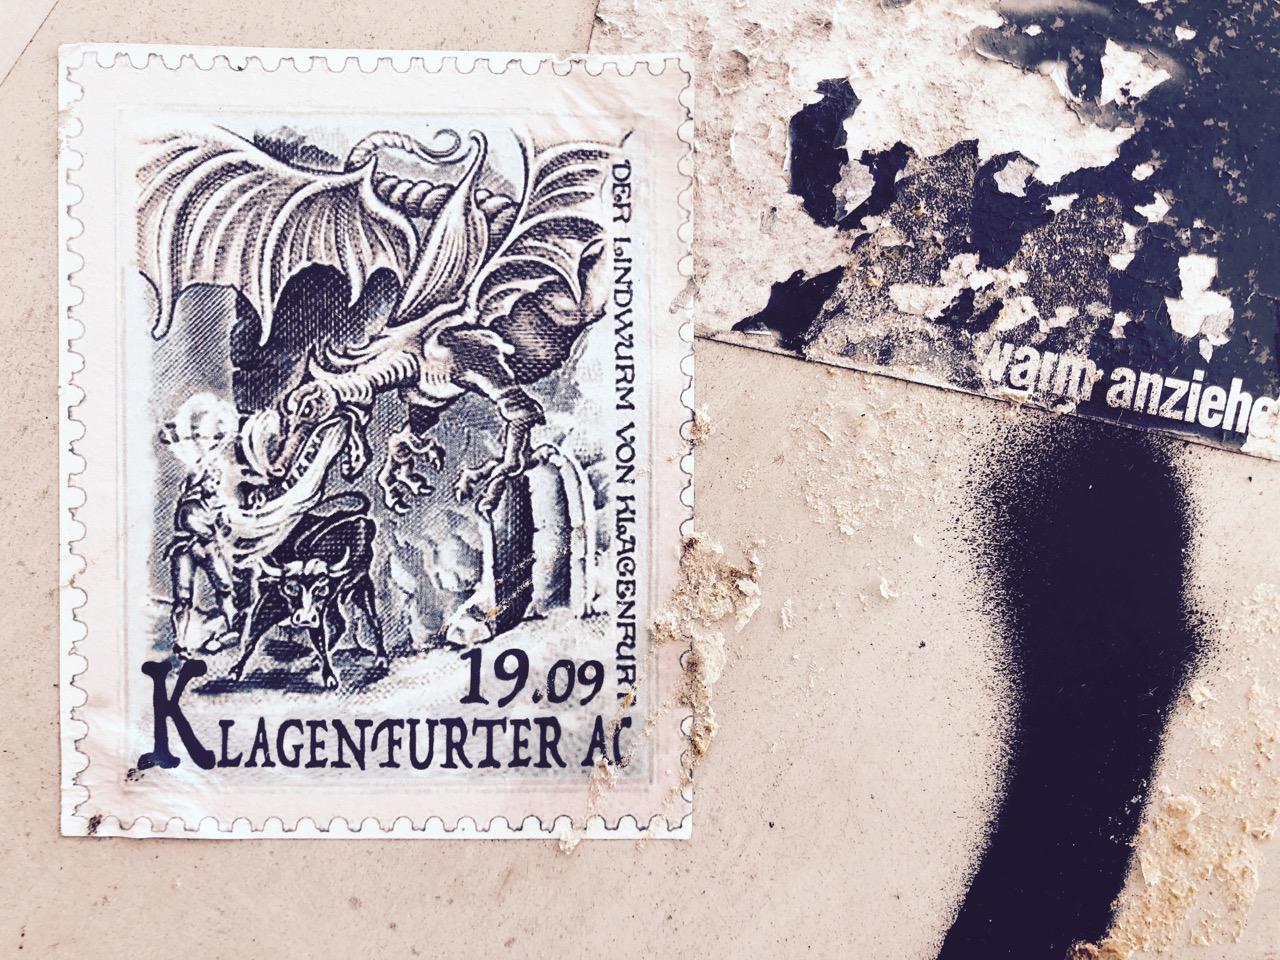 Fuzzman in Klagenfurt